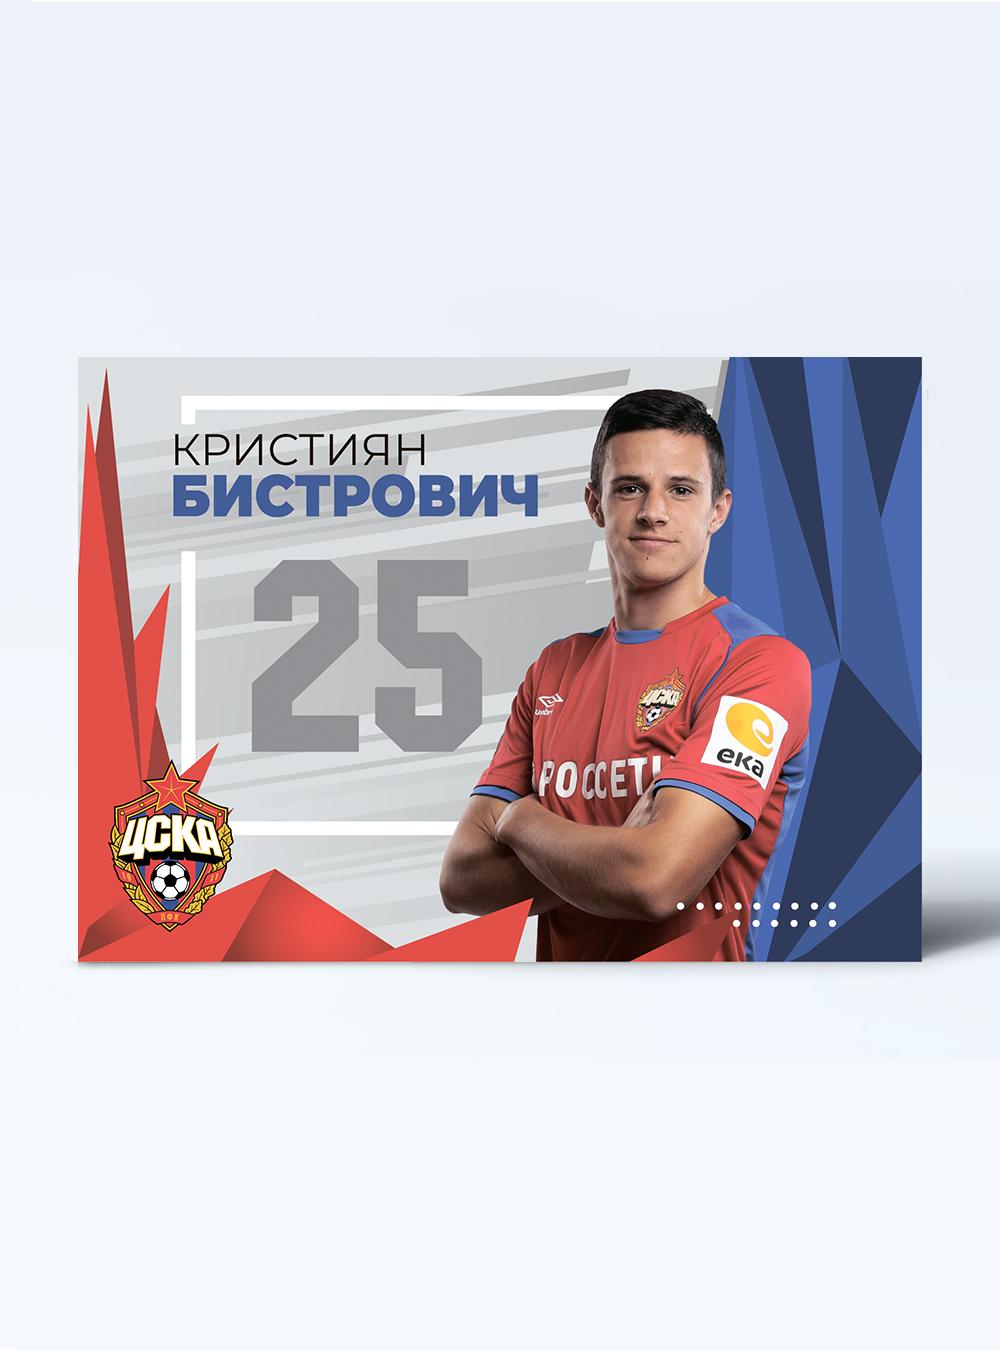 Карточка для автографа Бистрович 2019/2020 фото